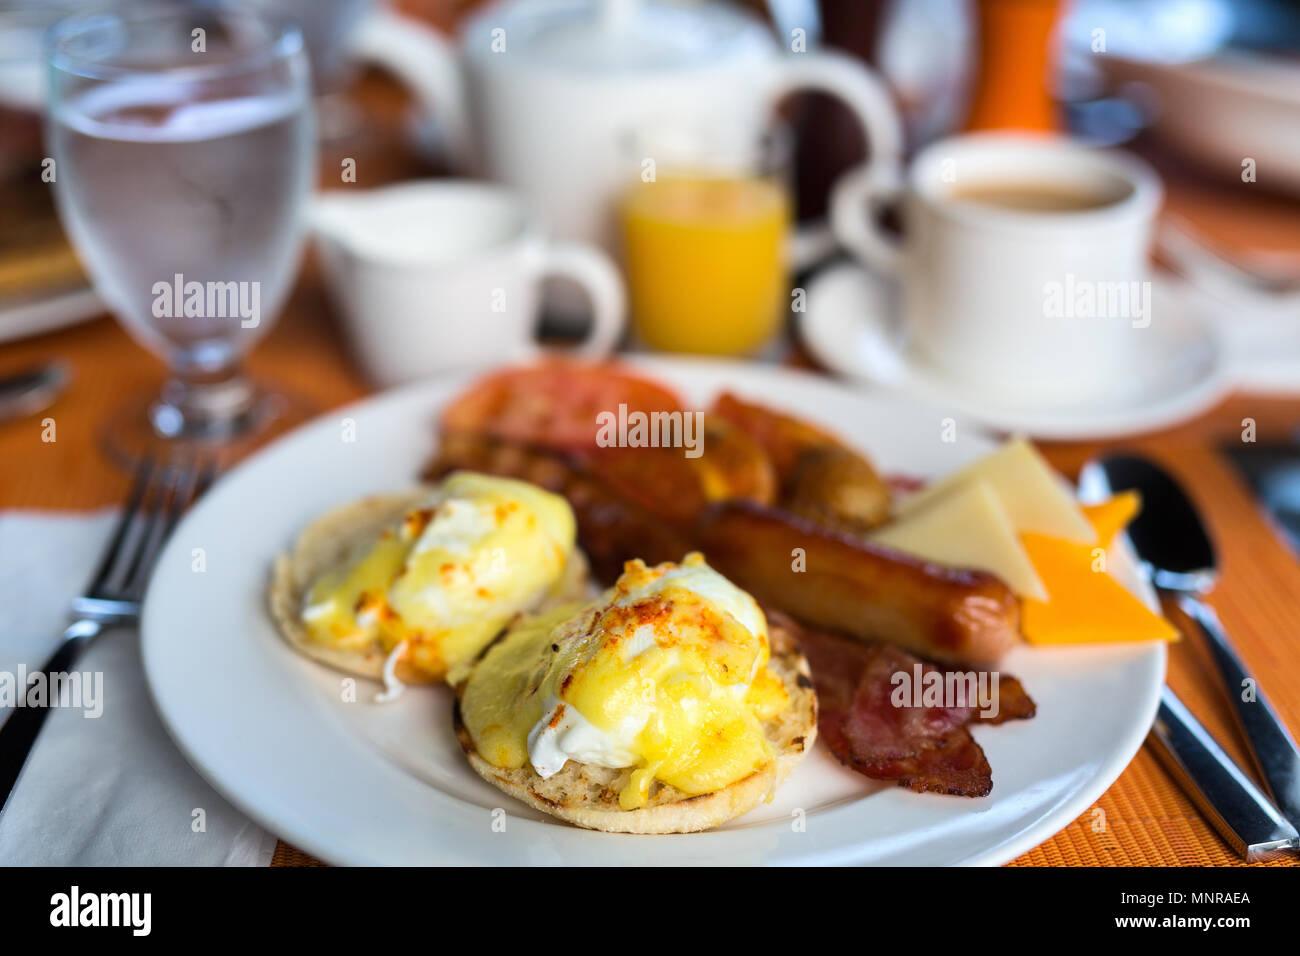 Delicioso desayuno con huevos revueltos, bacon, zumo de naranja y café Imagen De Stock